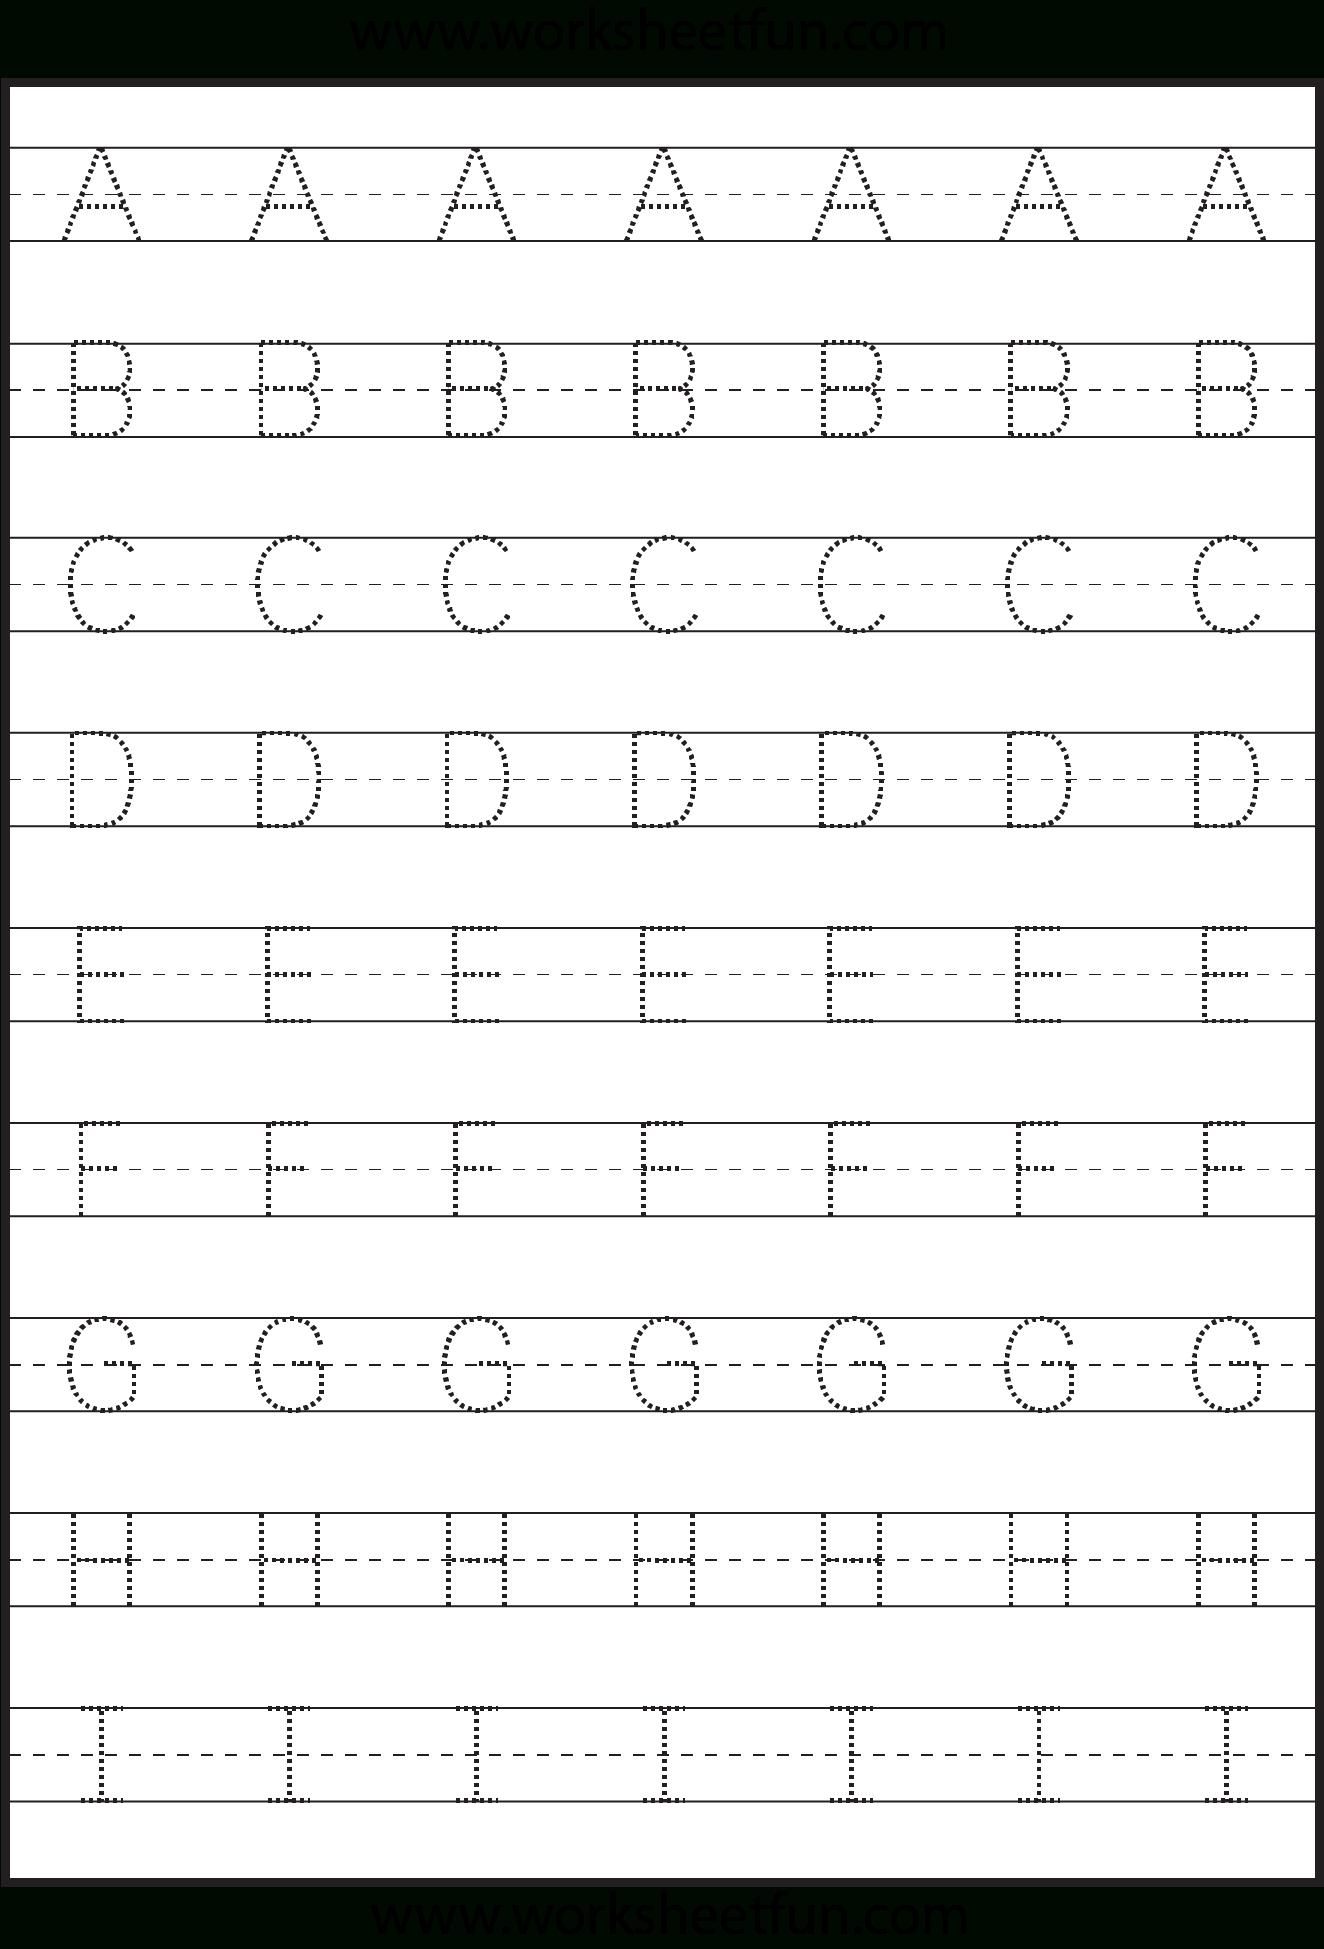 Letter Tracing - 3 Worksheets | Kids Math Worksheets regarding Tracing Three Letter Words Worksheets